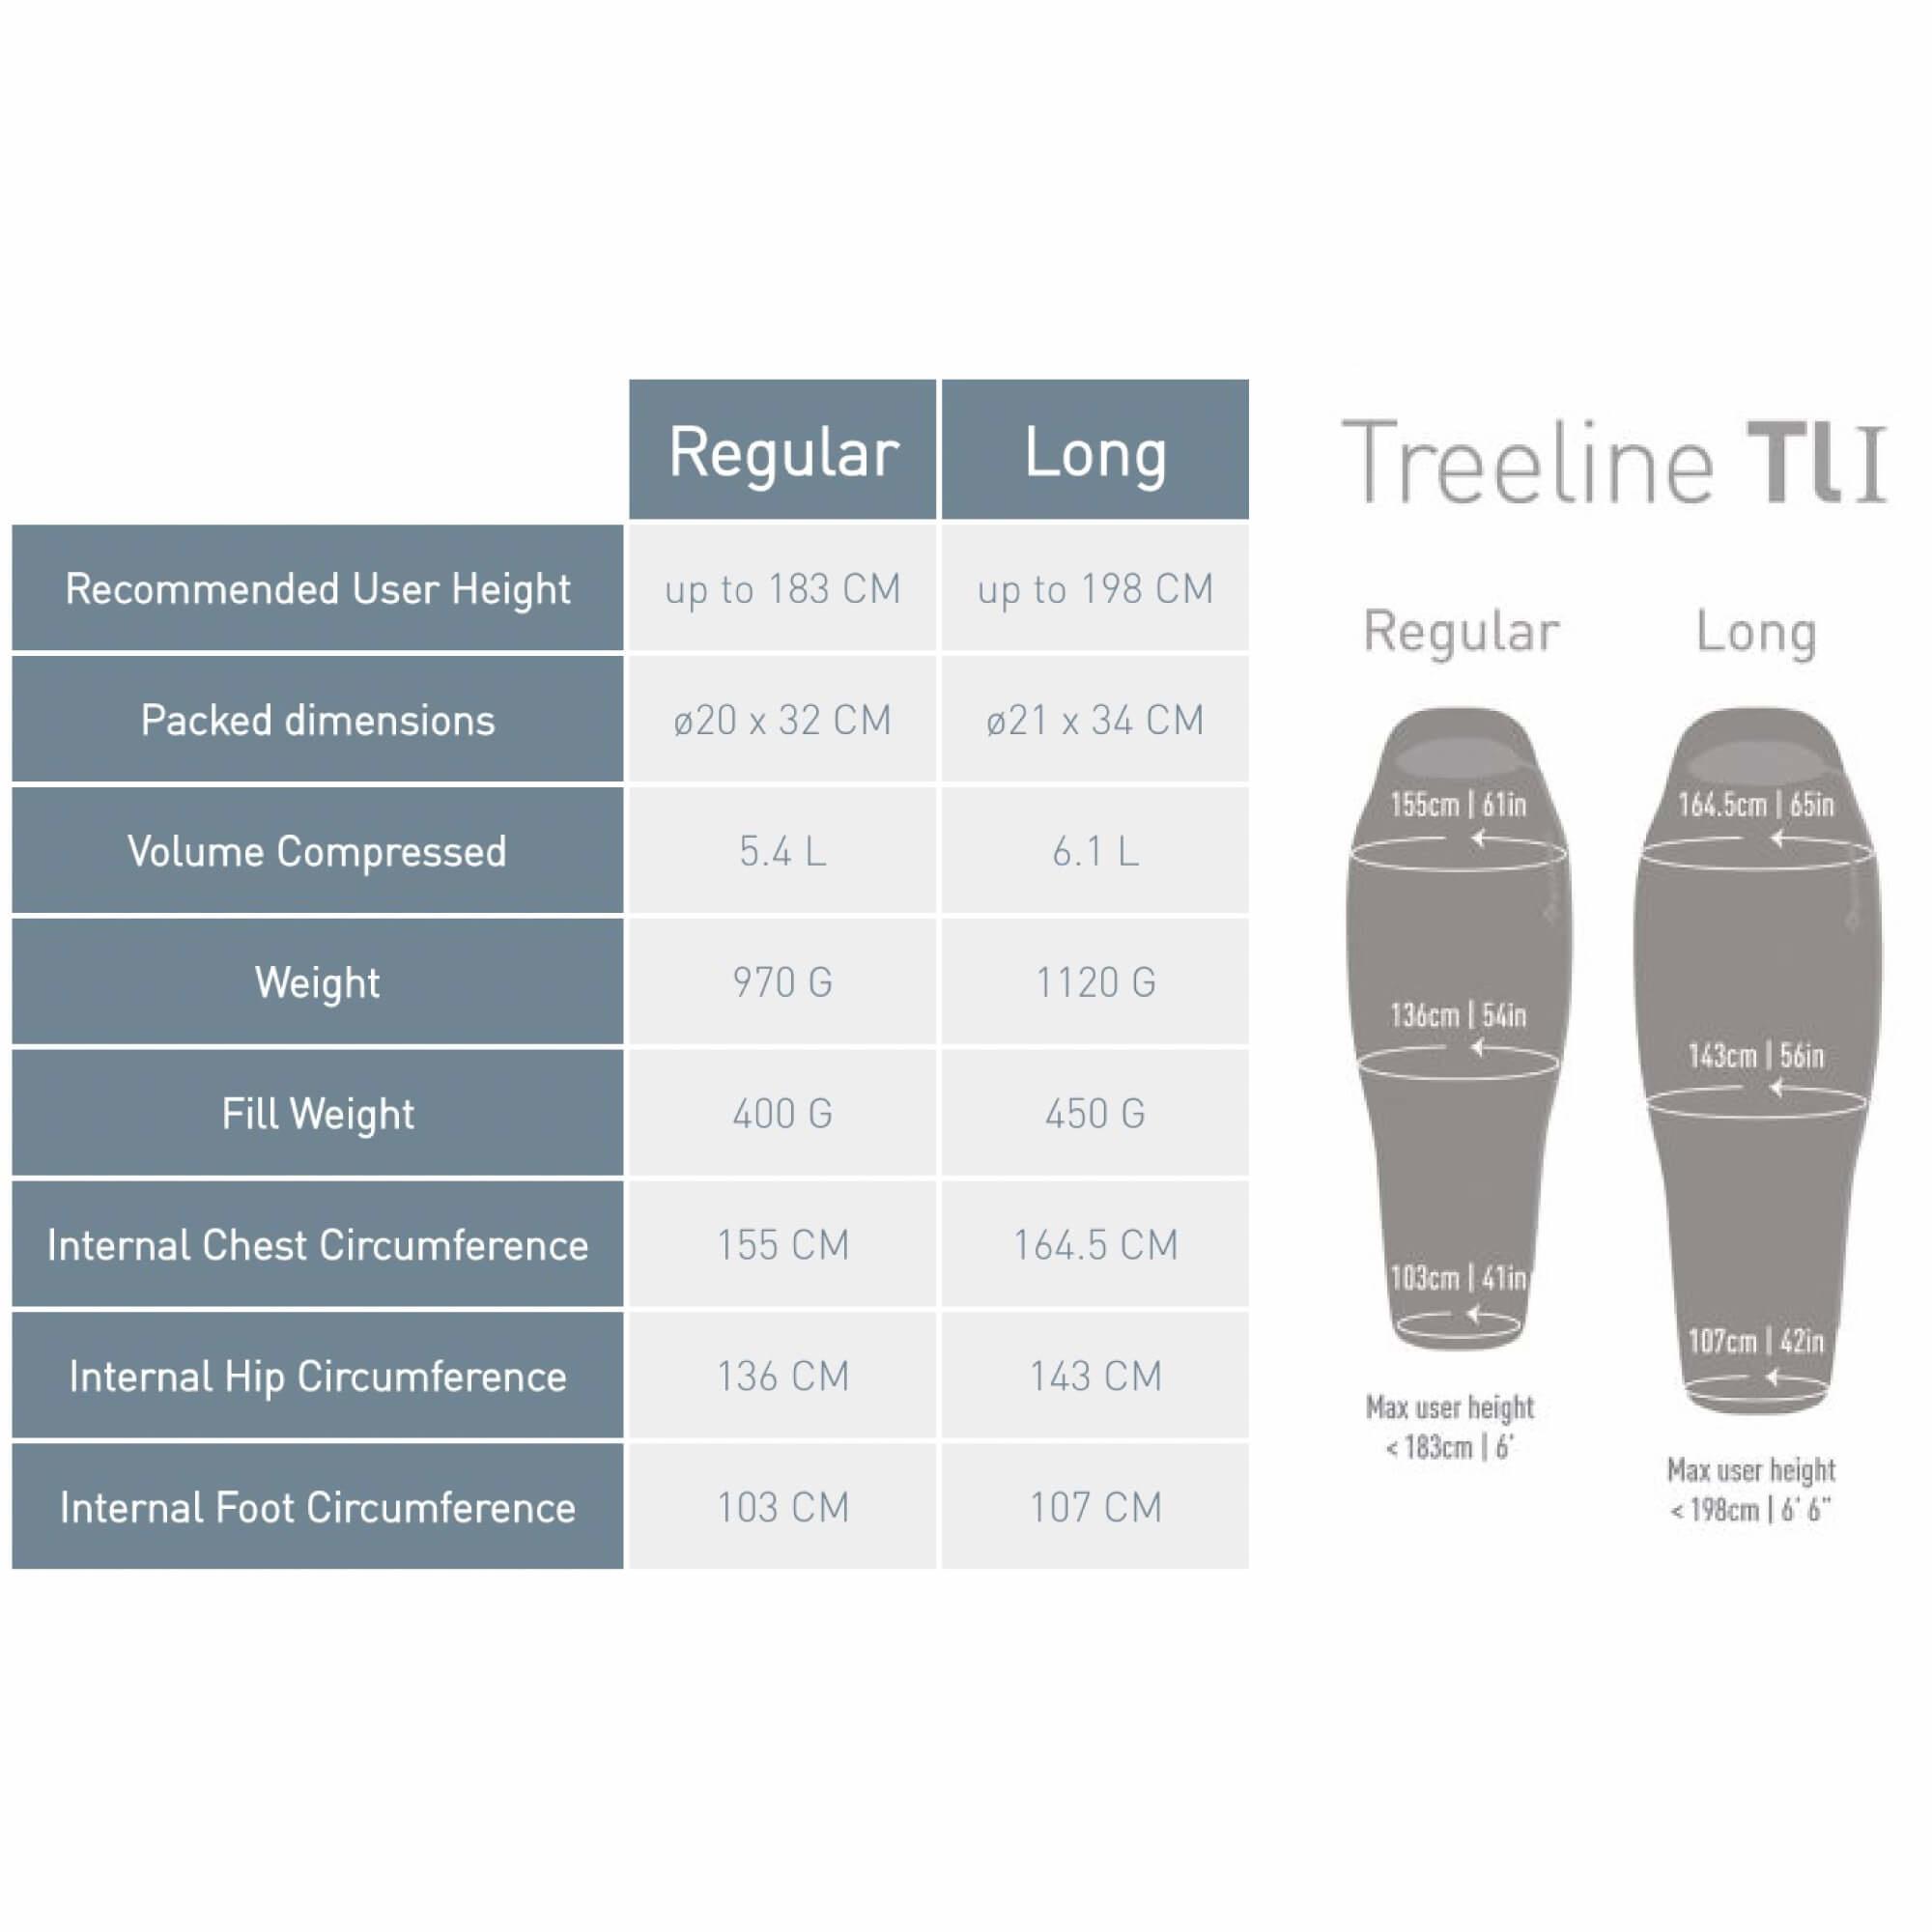 Treeline TLI Regular Left Zip-9